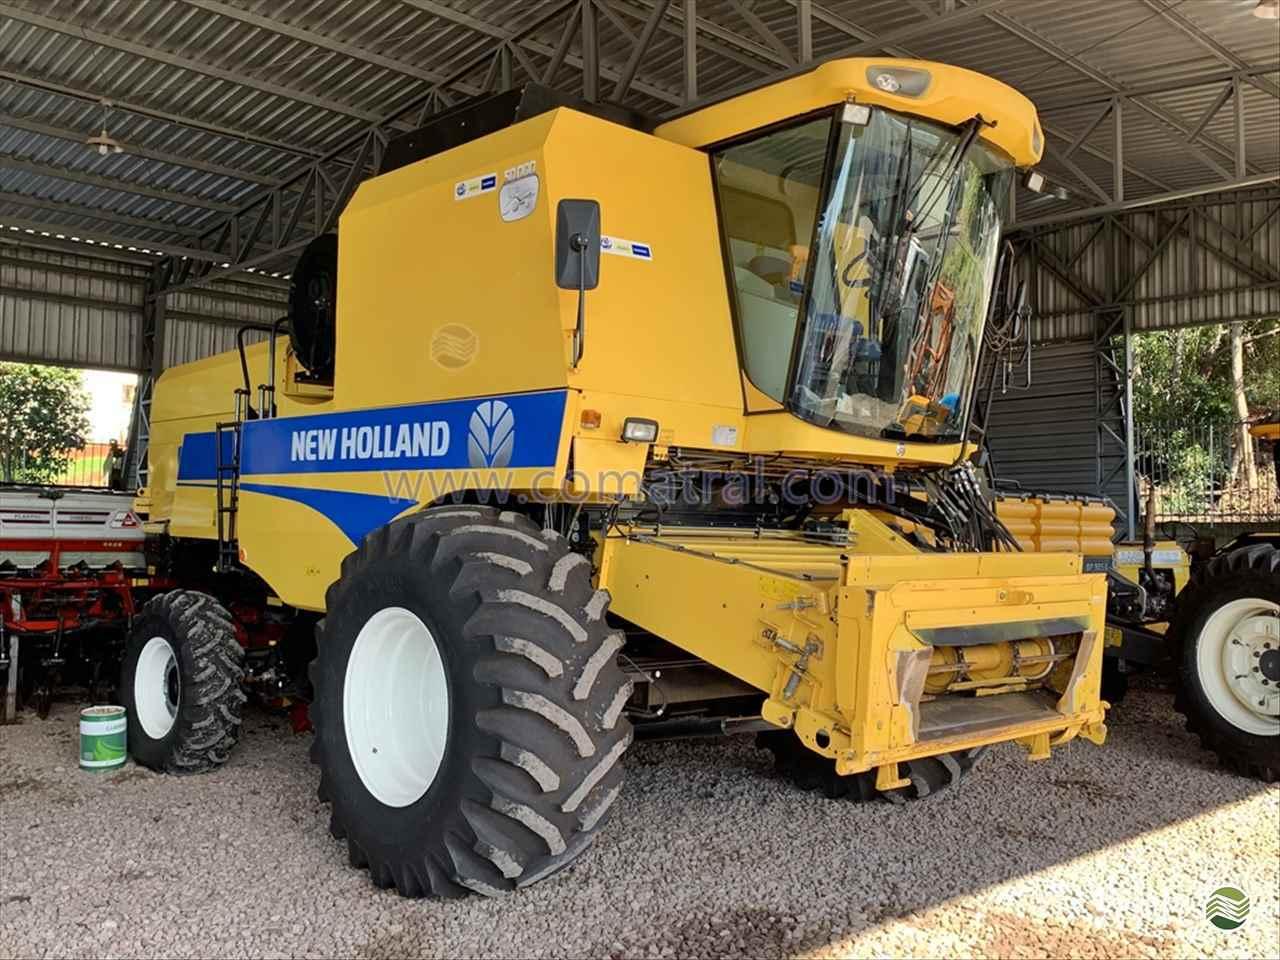 COLHEITADEIRA NEW HOLLAND TC 5090 Comatral Caminhões e Máquinas Agrícolas PANAMBI RIO GRANDE DO SUL RS